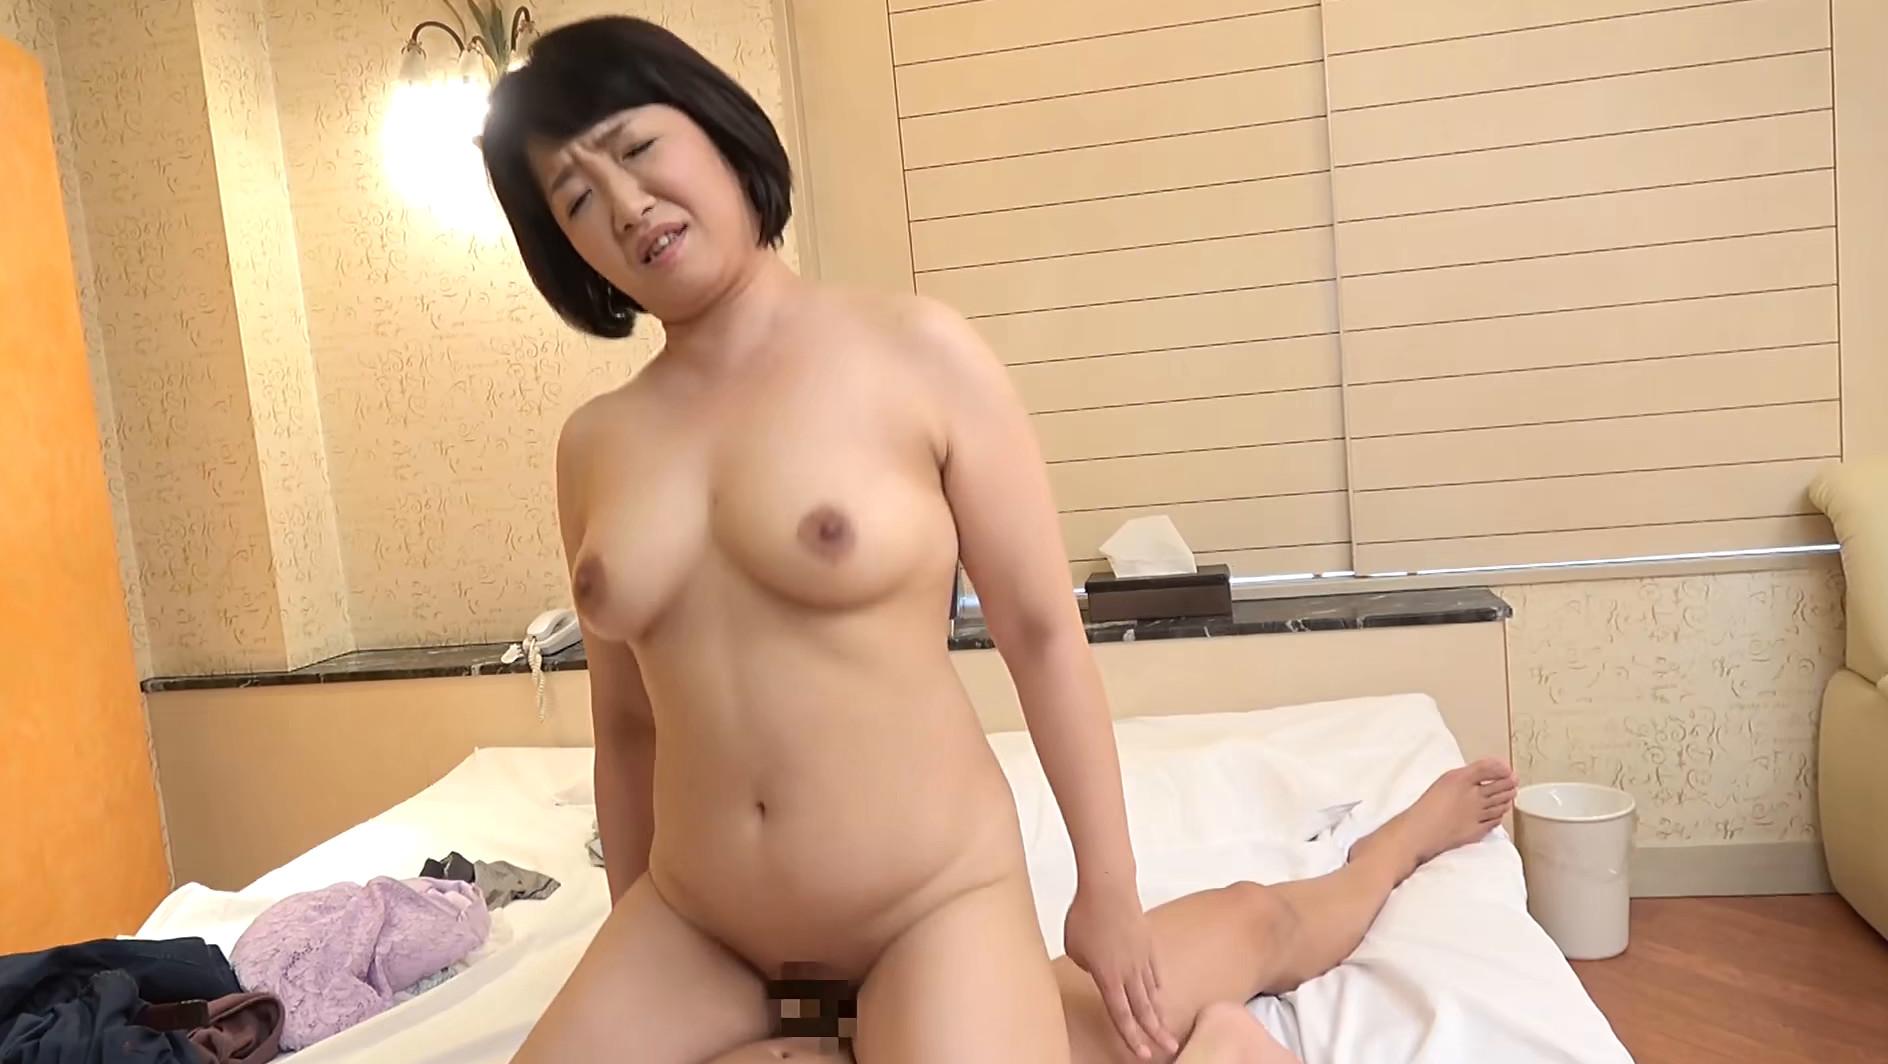 【四十路】応募素人妻 さゆみさん 45歳 画像7